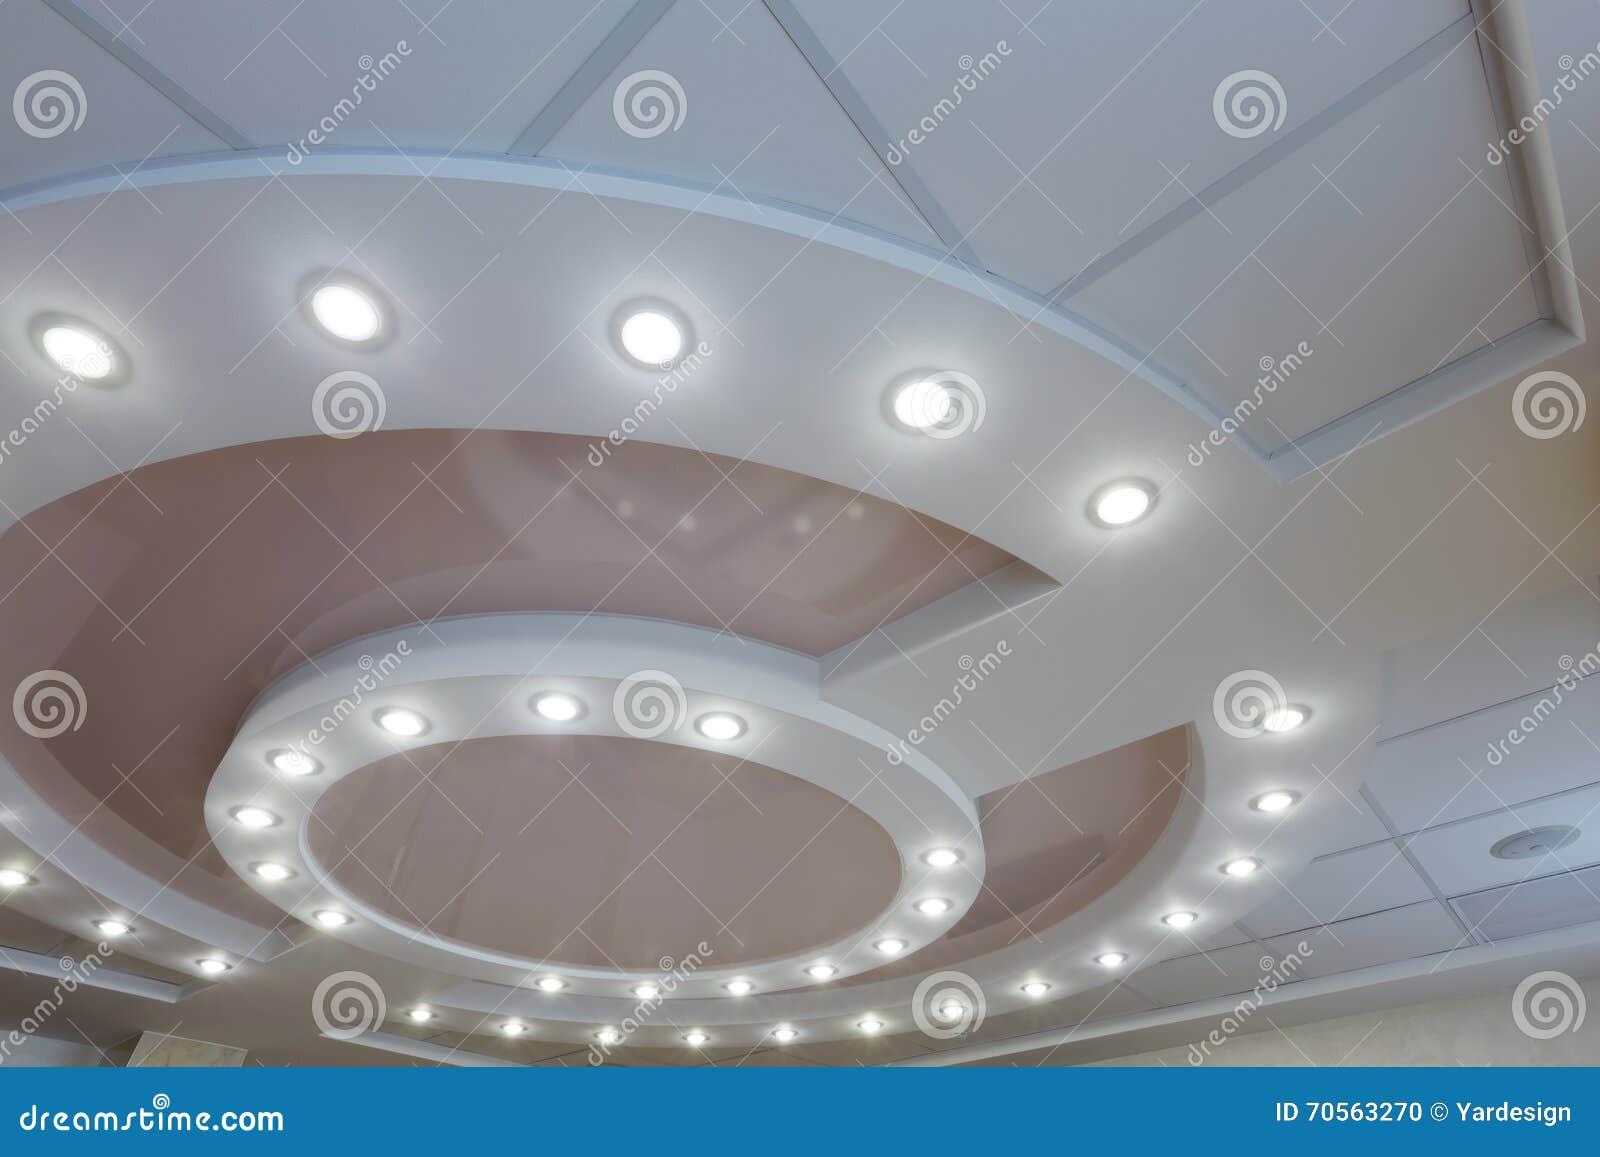 Ziemlich Wie Man Kann Lichter Installieren Bilder - Die Besten ...